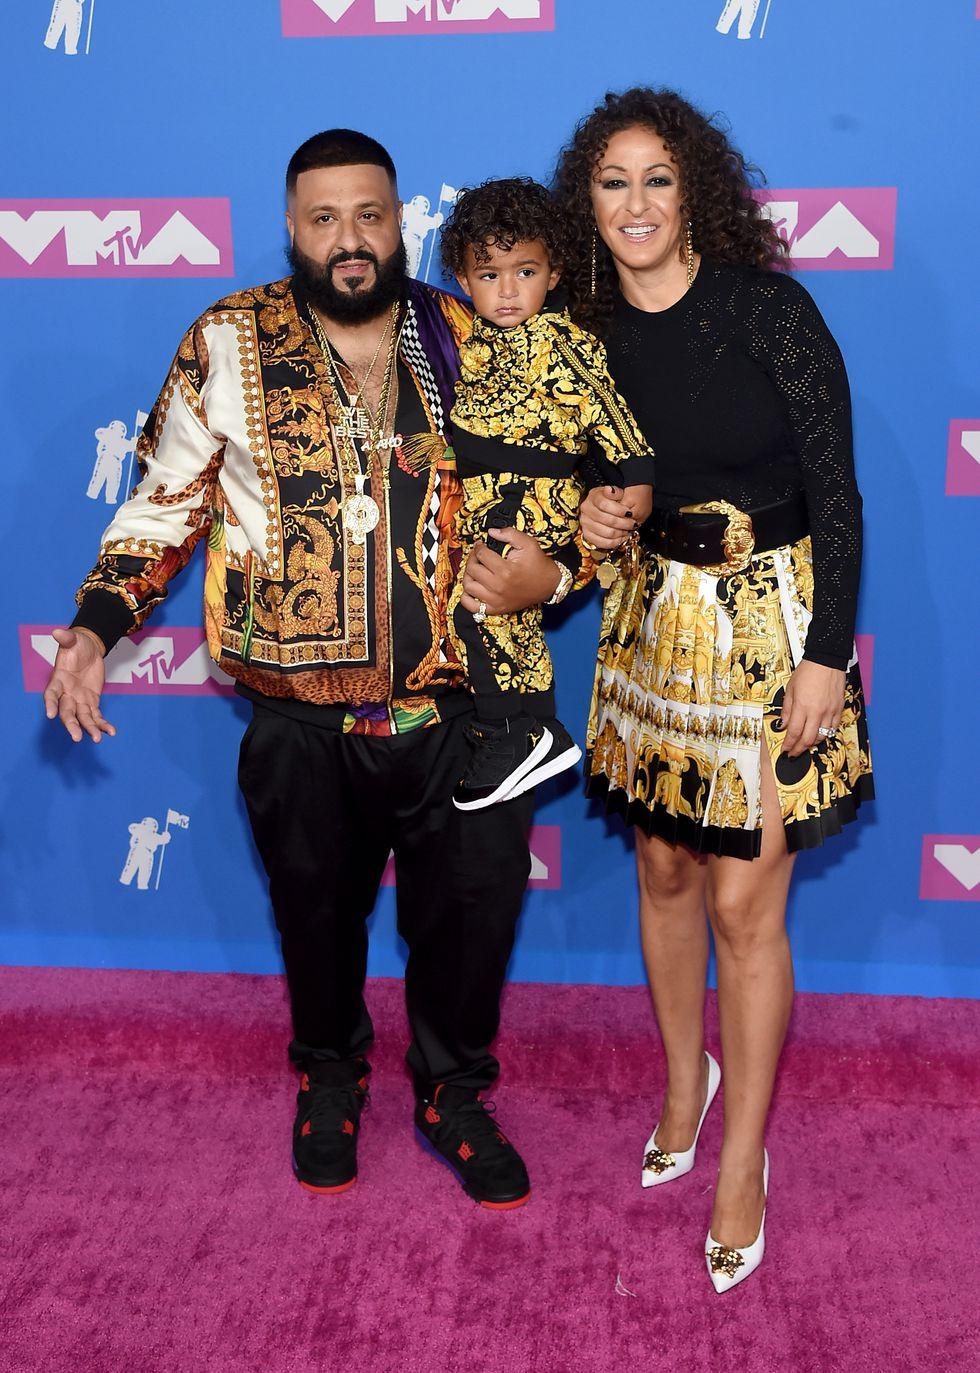 MTV Video Music Awards - Look de Dj Khaled, Asahd Khaled, et Nicole Tuck